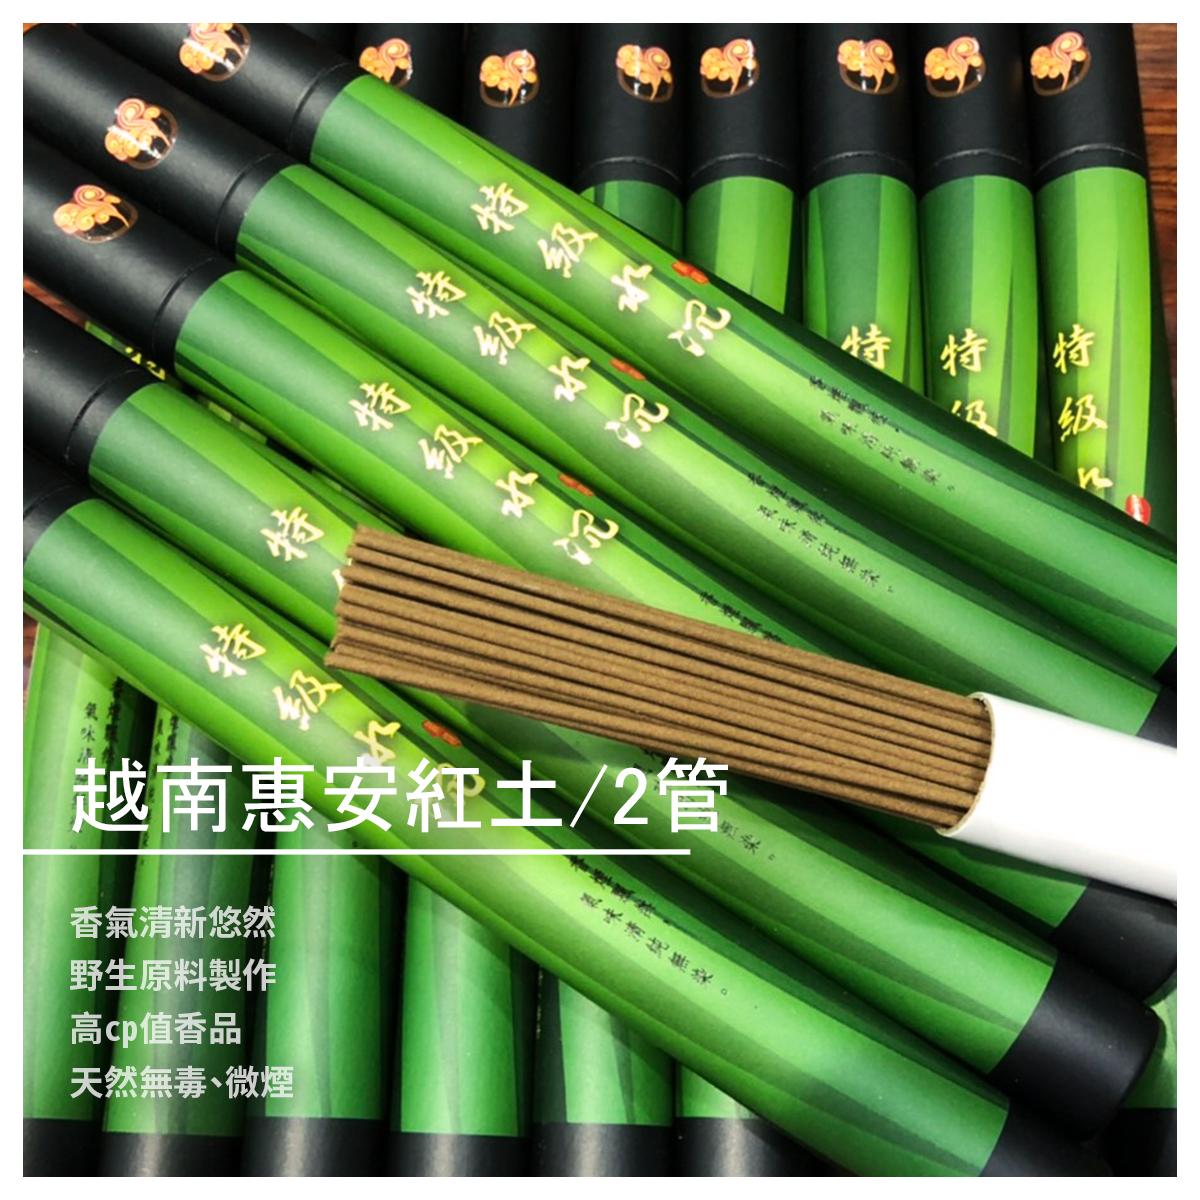 【合億沉香】越南惠安紅土/2管